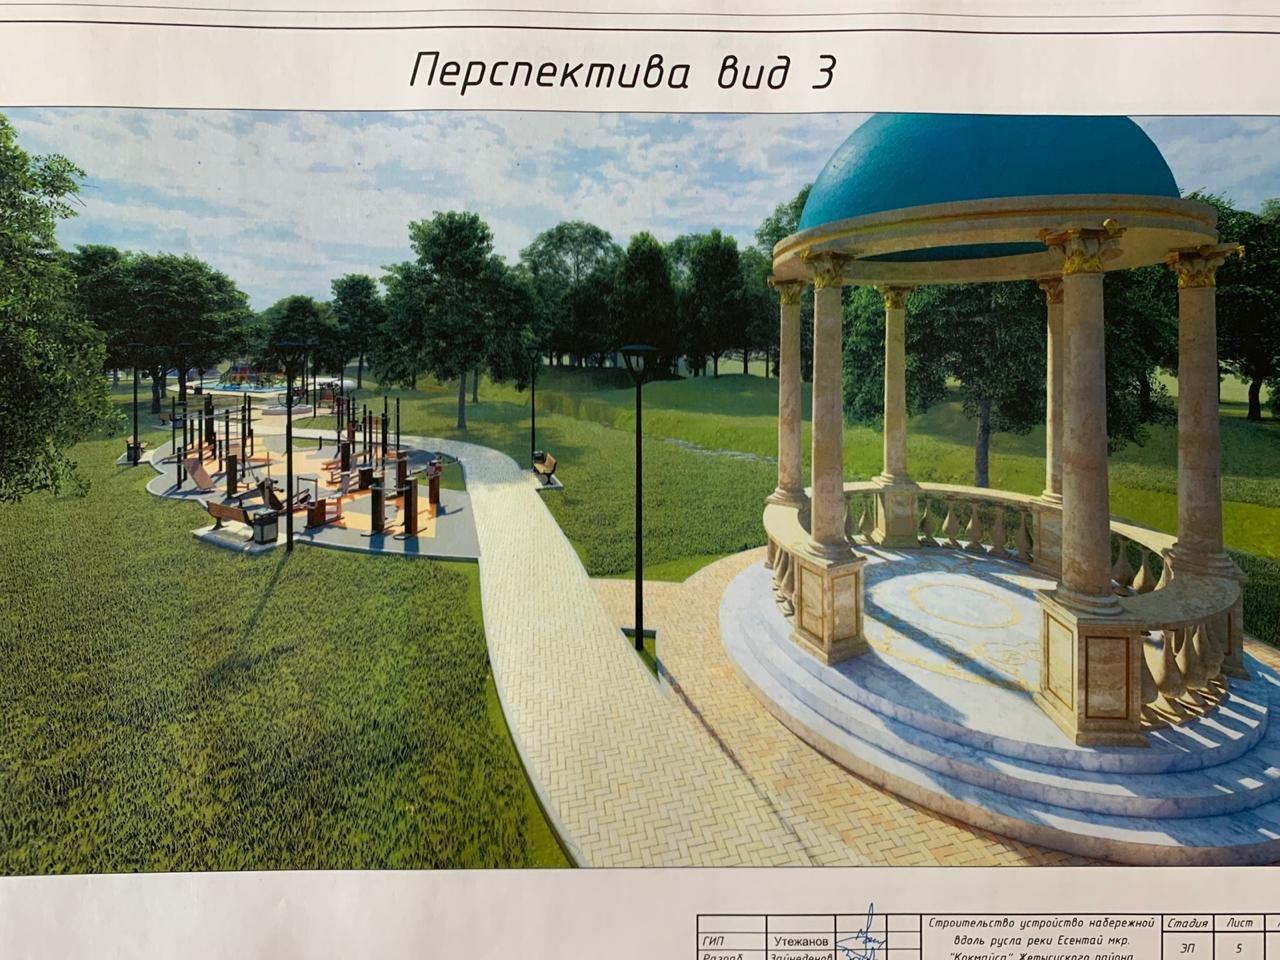 В Жетысуском районе Алматы планируют построить парковую зону вдоль набережной реки Есентай, фото-12